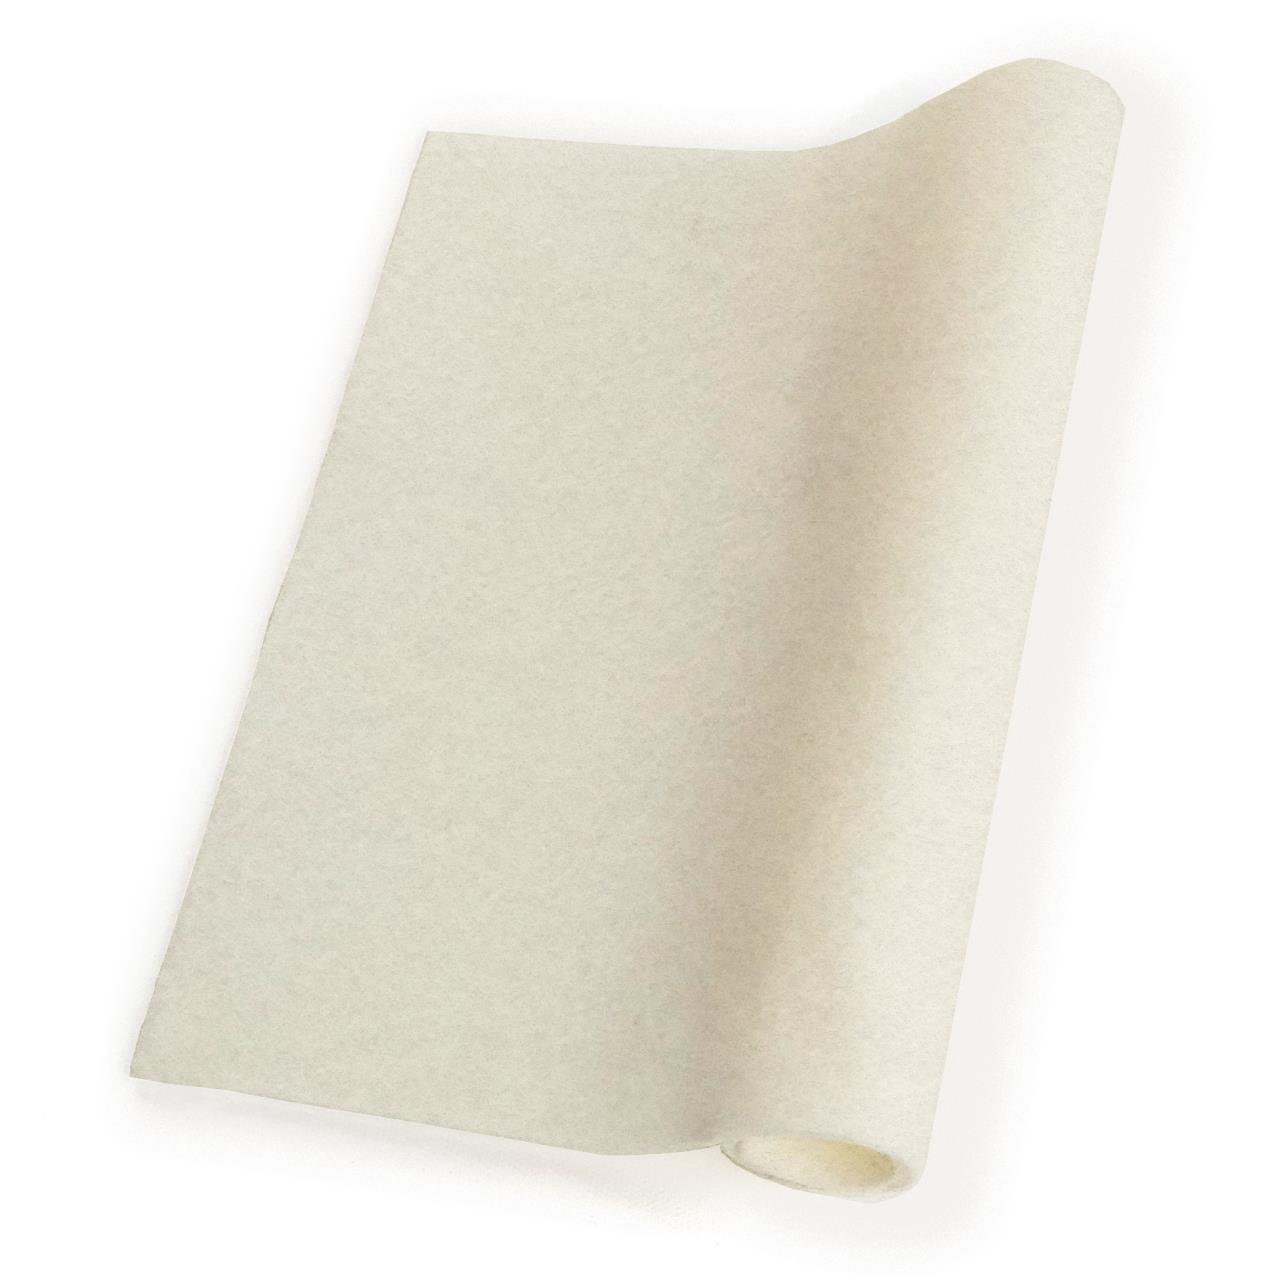 Winter White, Essentials By Ellen Wool Felt 9 X 12 - 5 Pk -